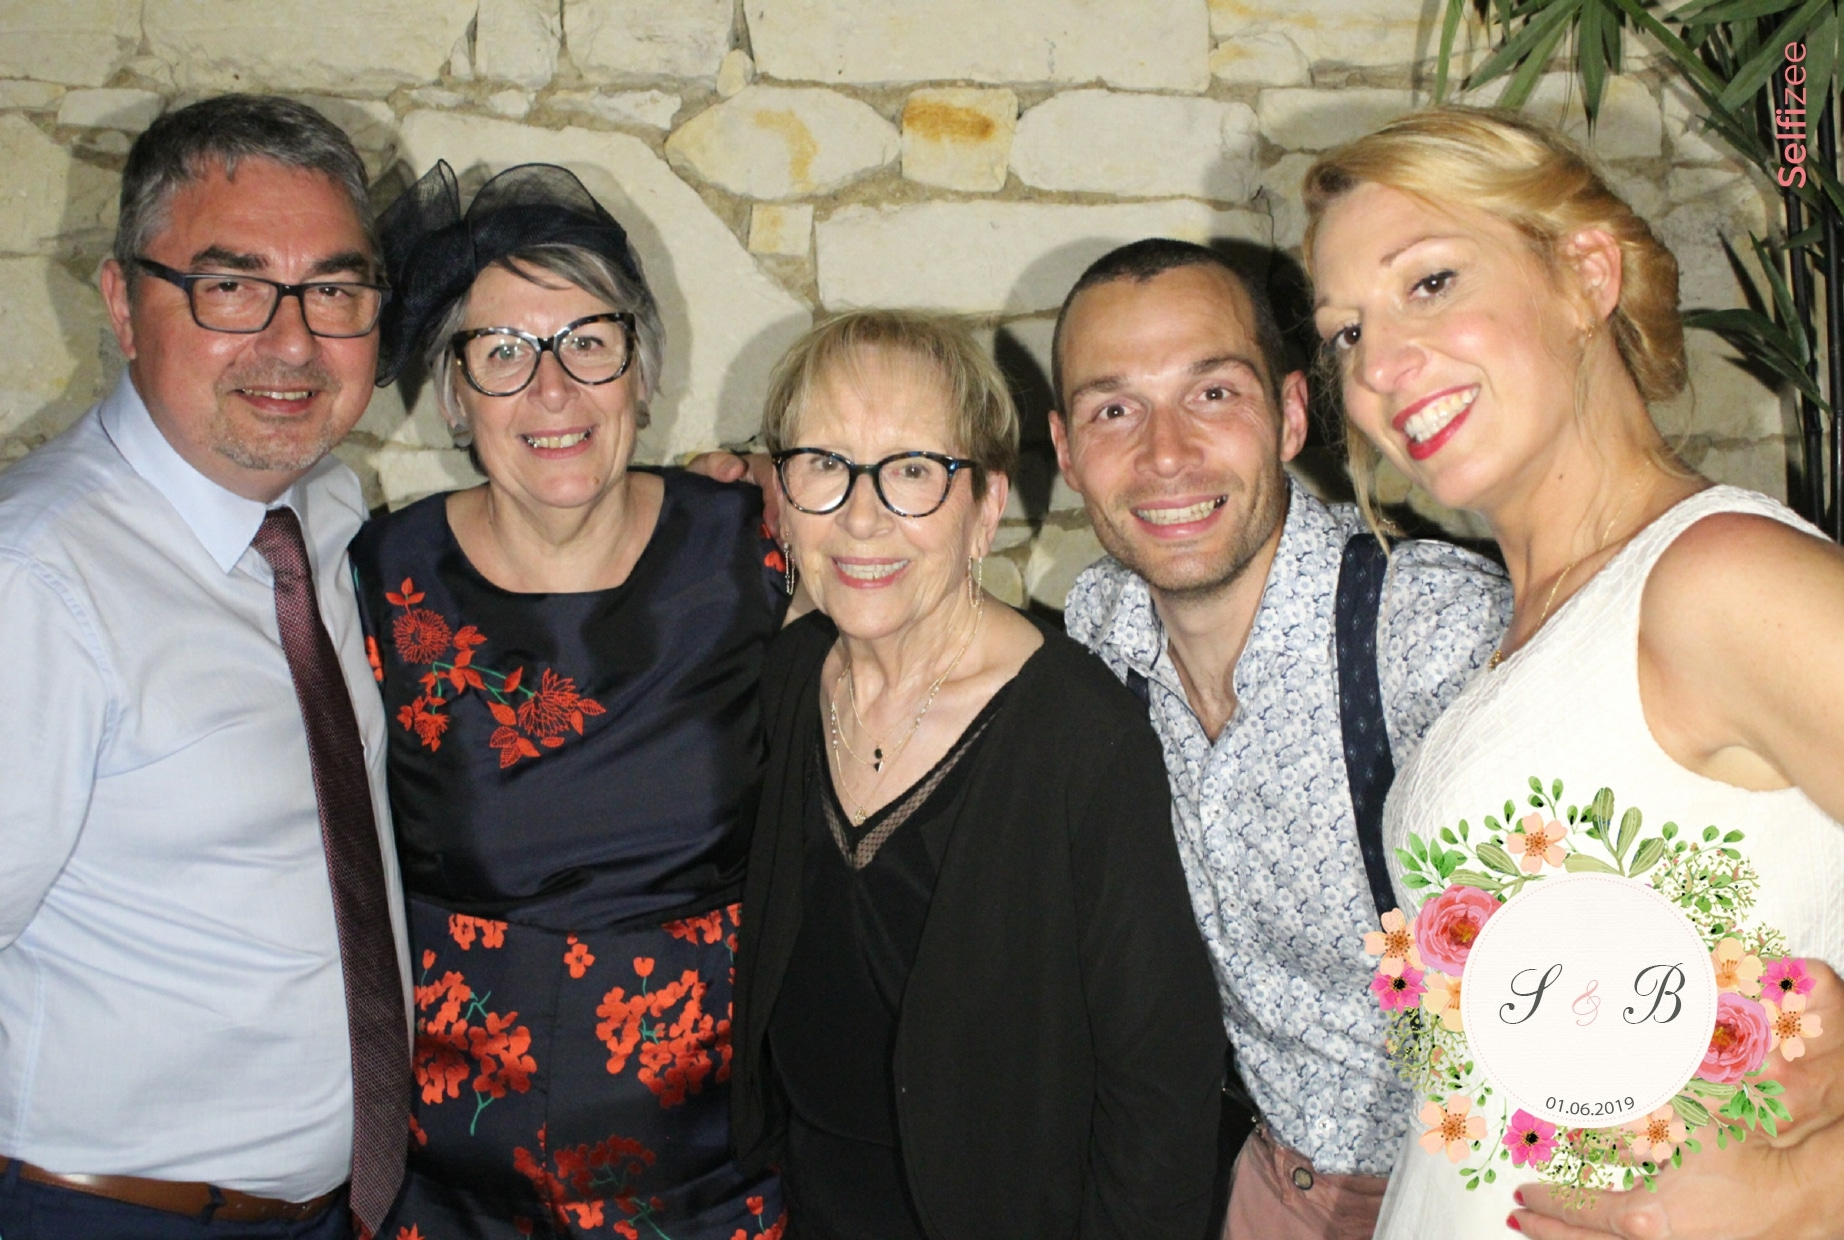 Selfie mariage Limoges avec borne photo à louer pour animation fête mariage et impressions photos souvenirs personnalisées à Limoges et en Haute Vienne